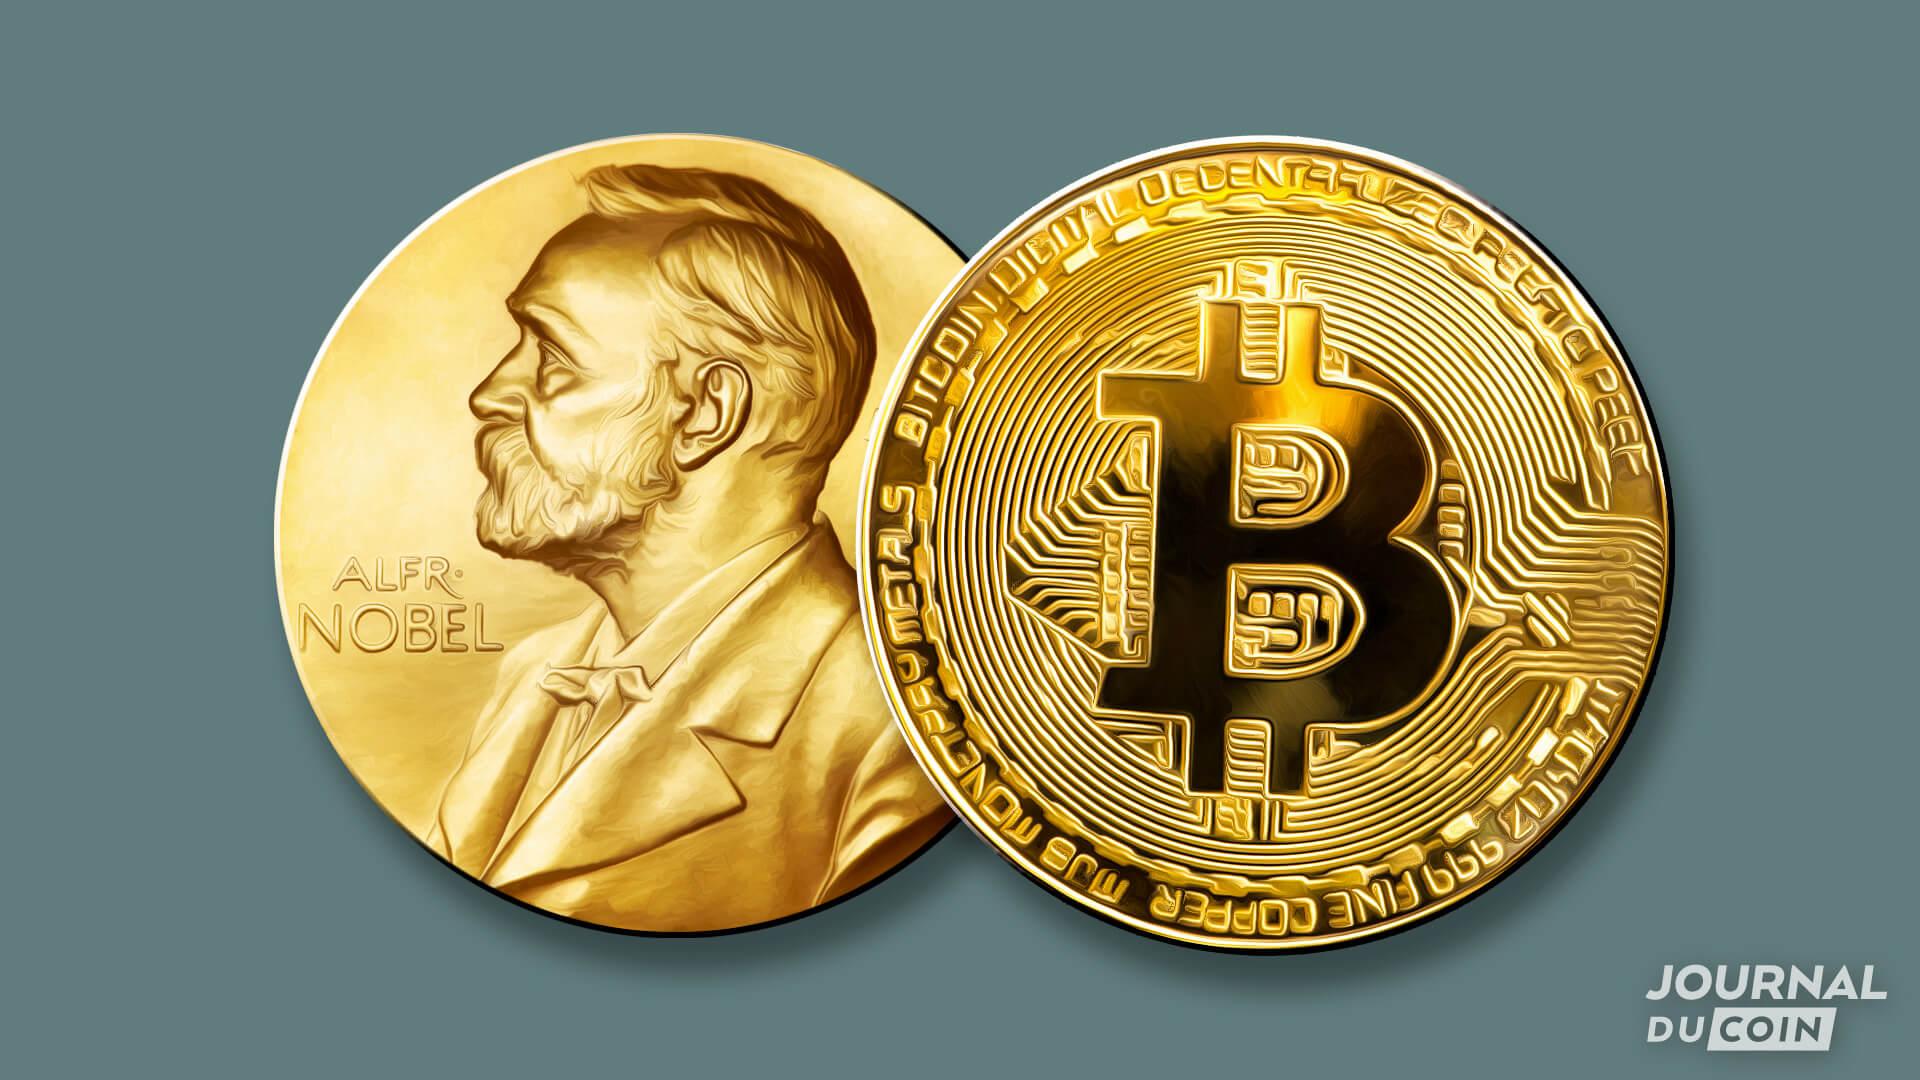 """Bitcoin """"Prix Nobel de l'investissement"""" selon la référence The Economist"""